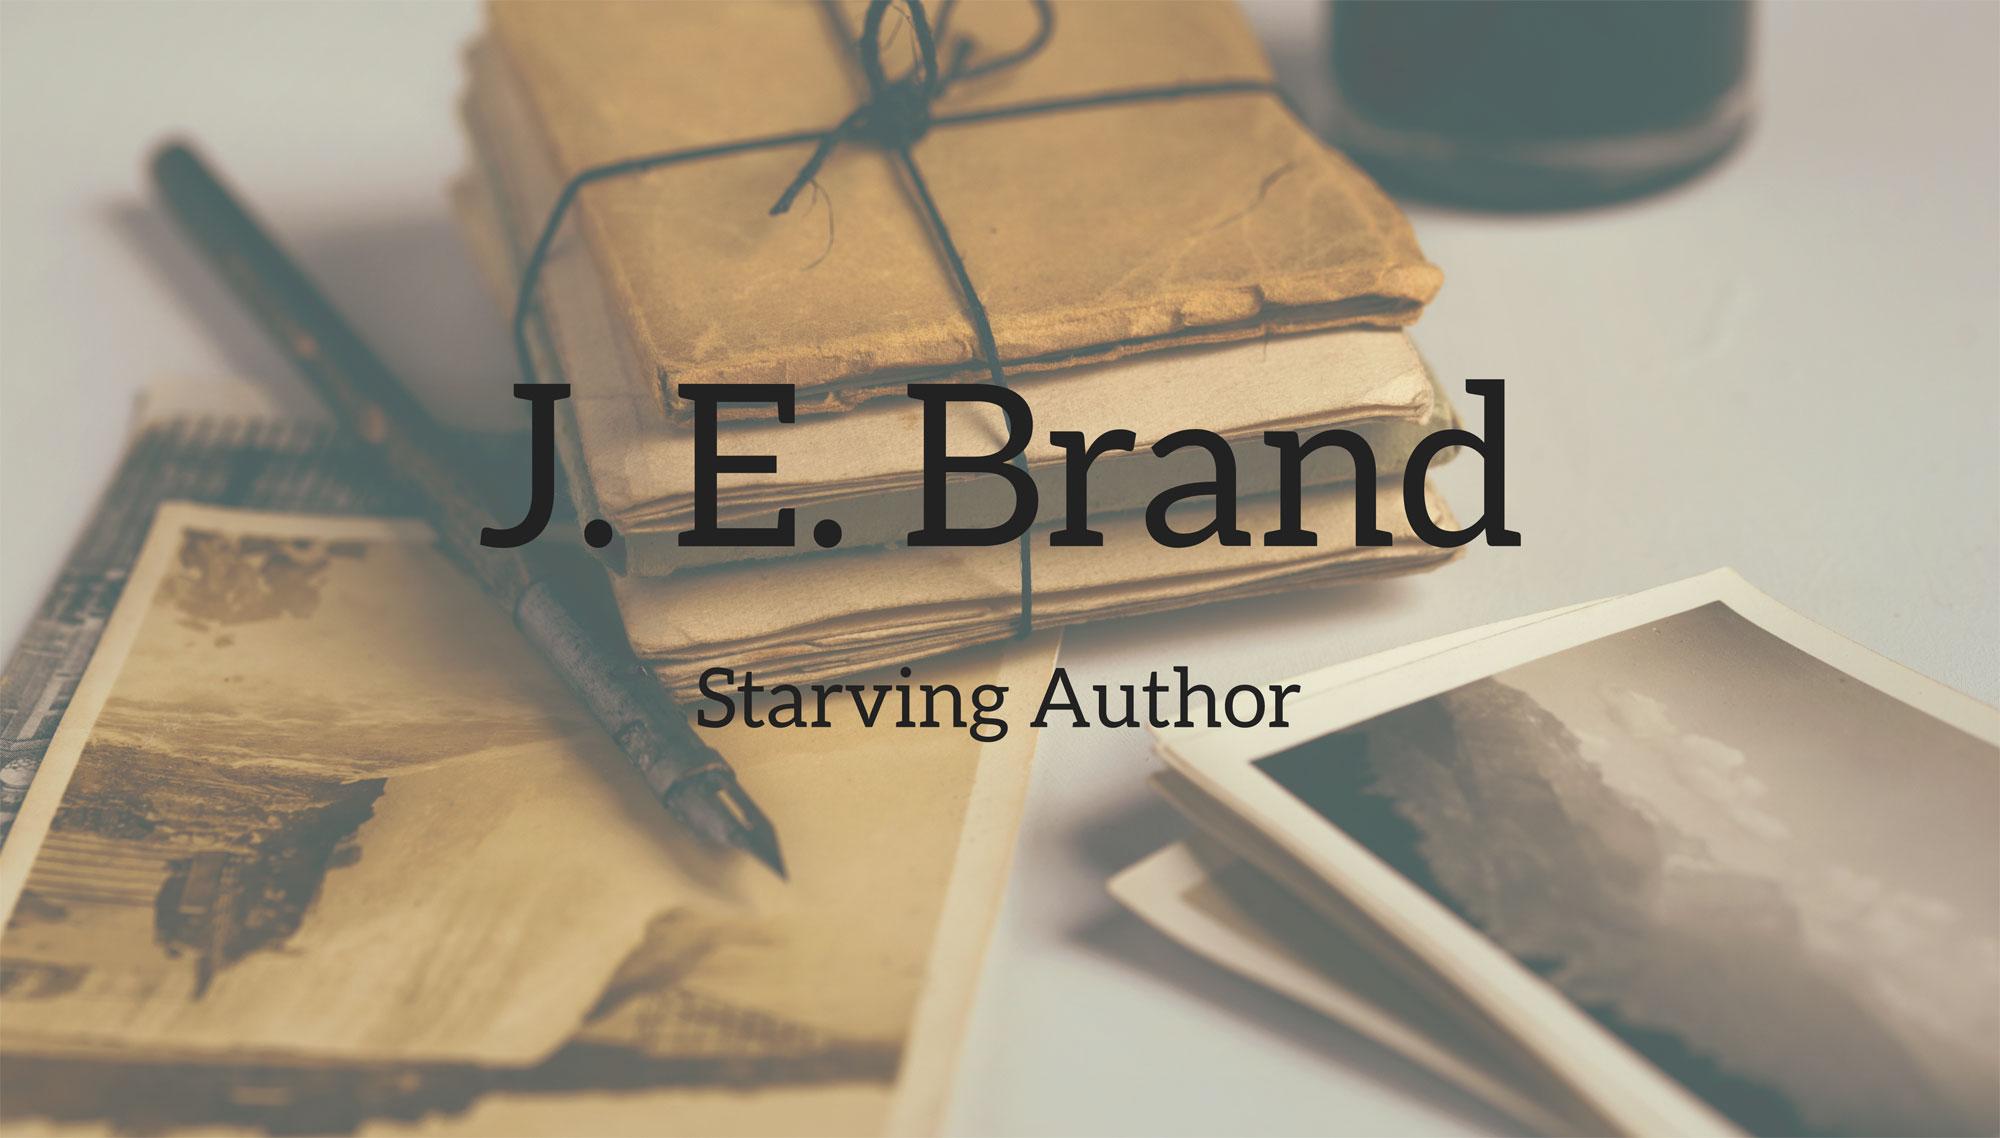 J.E. Brand